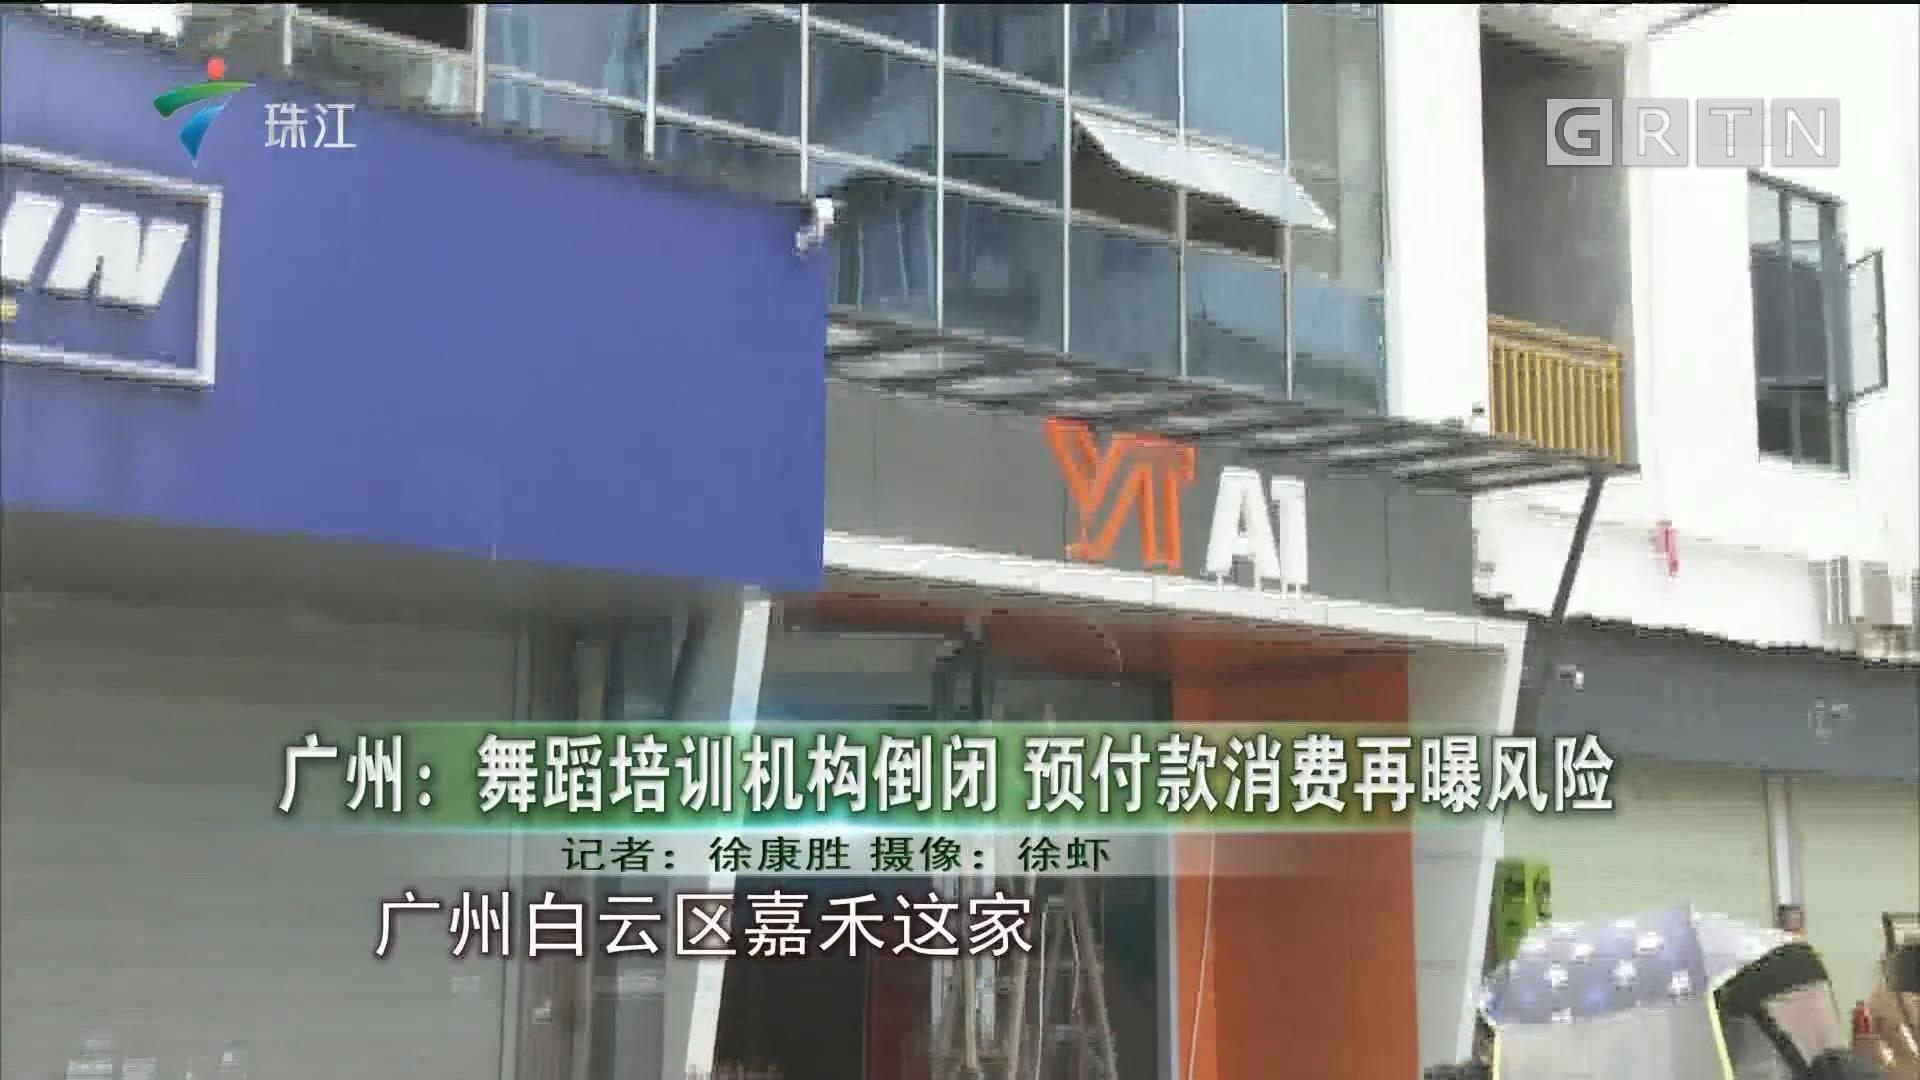 广州:舞蹈培训机构倒闭 预付款消费再劵风险